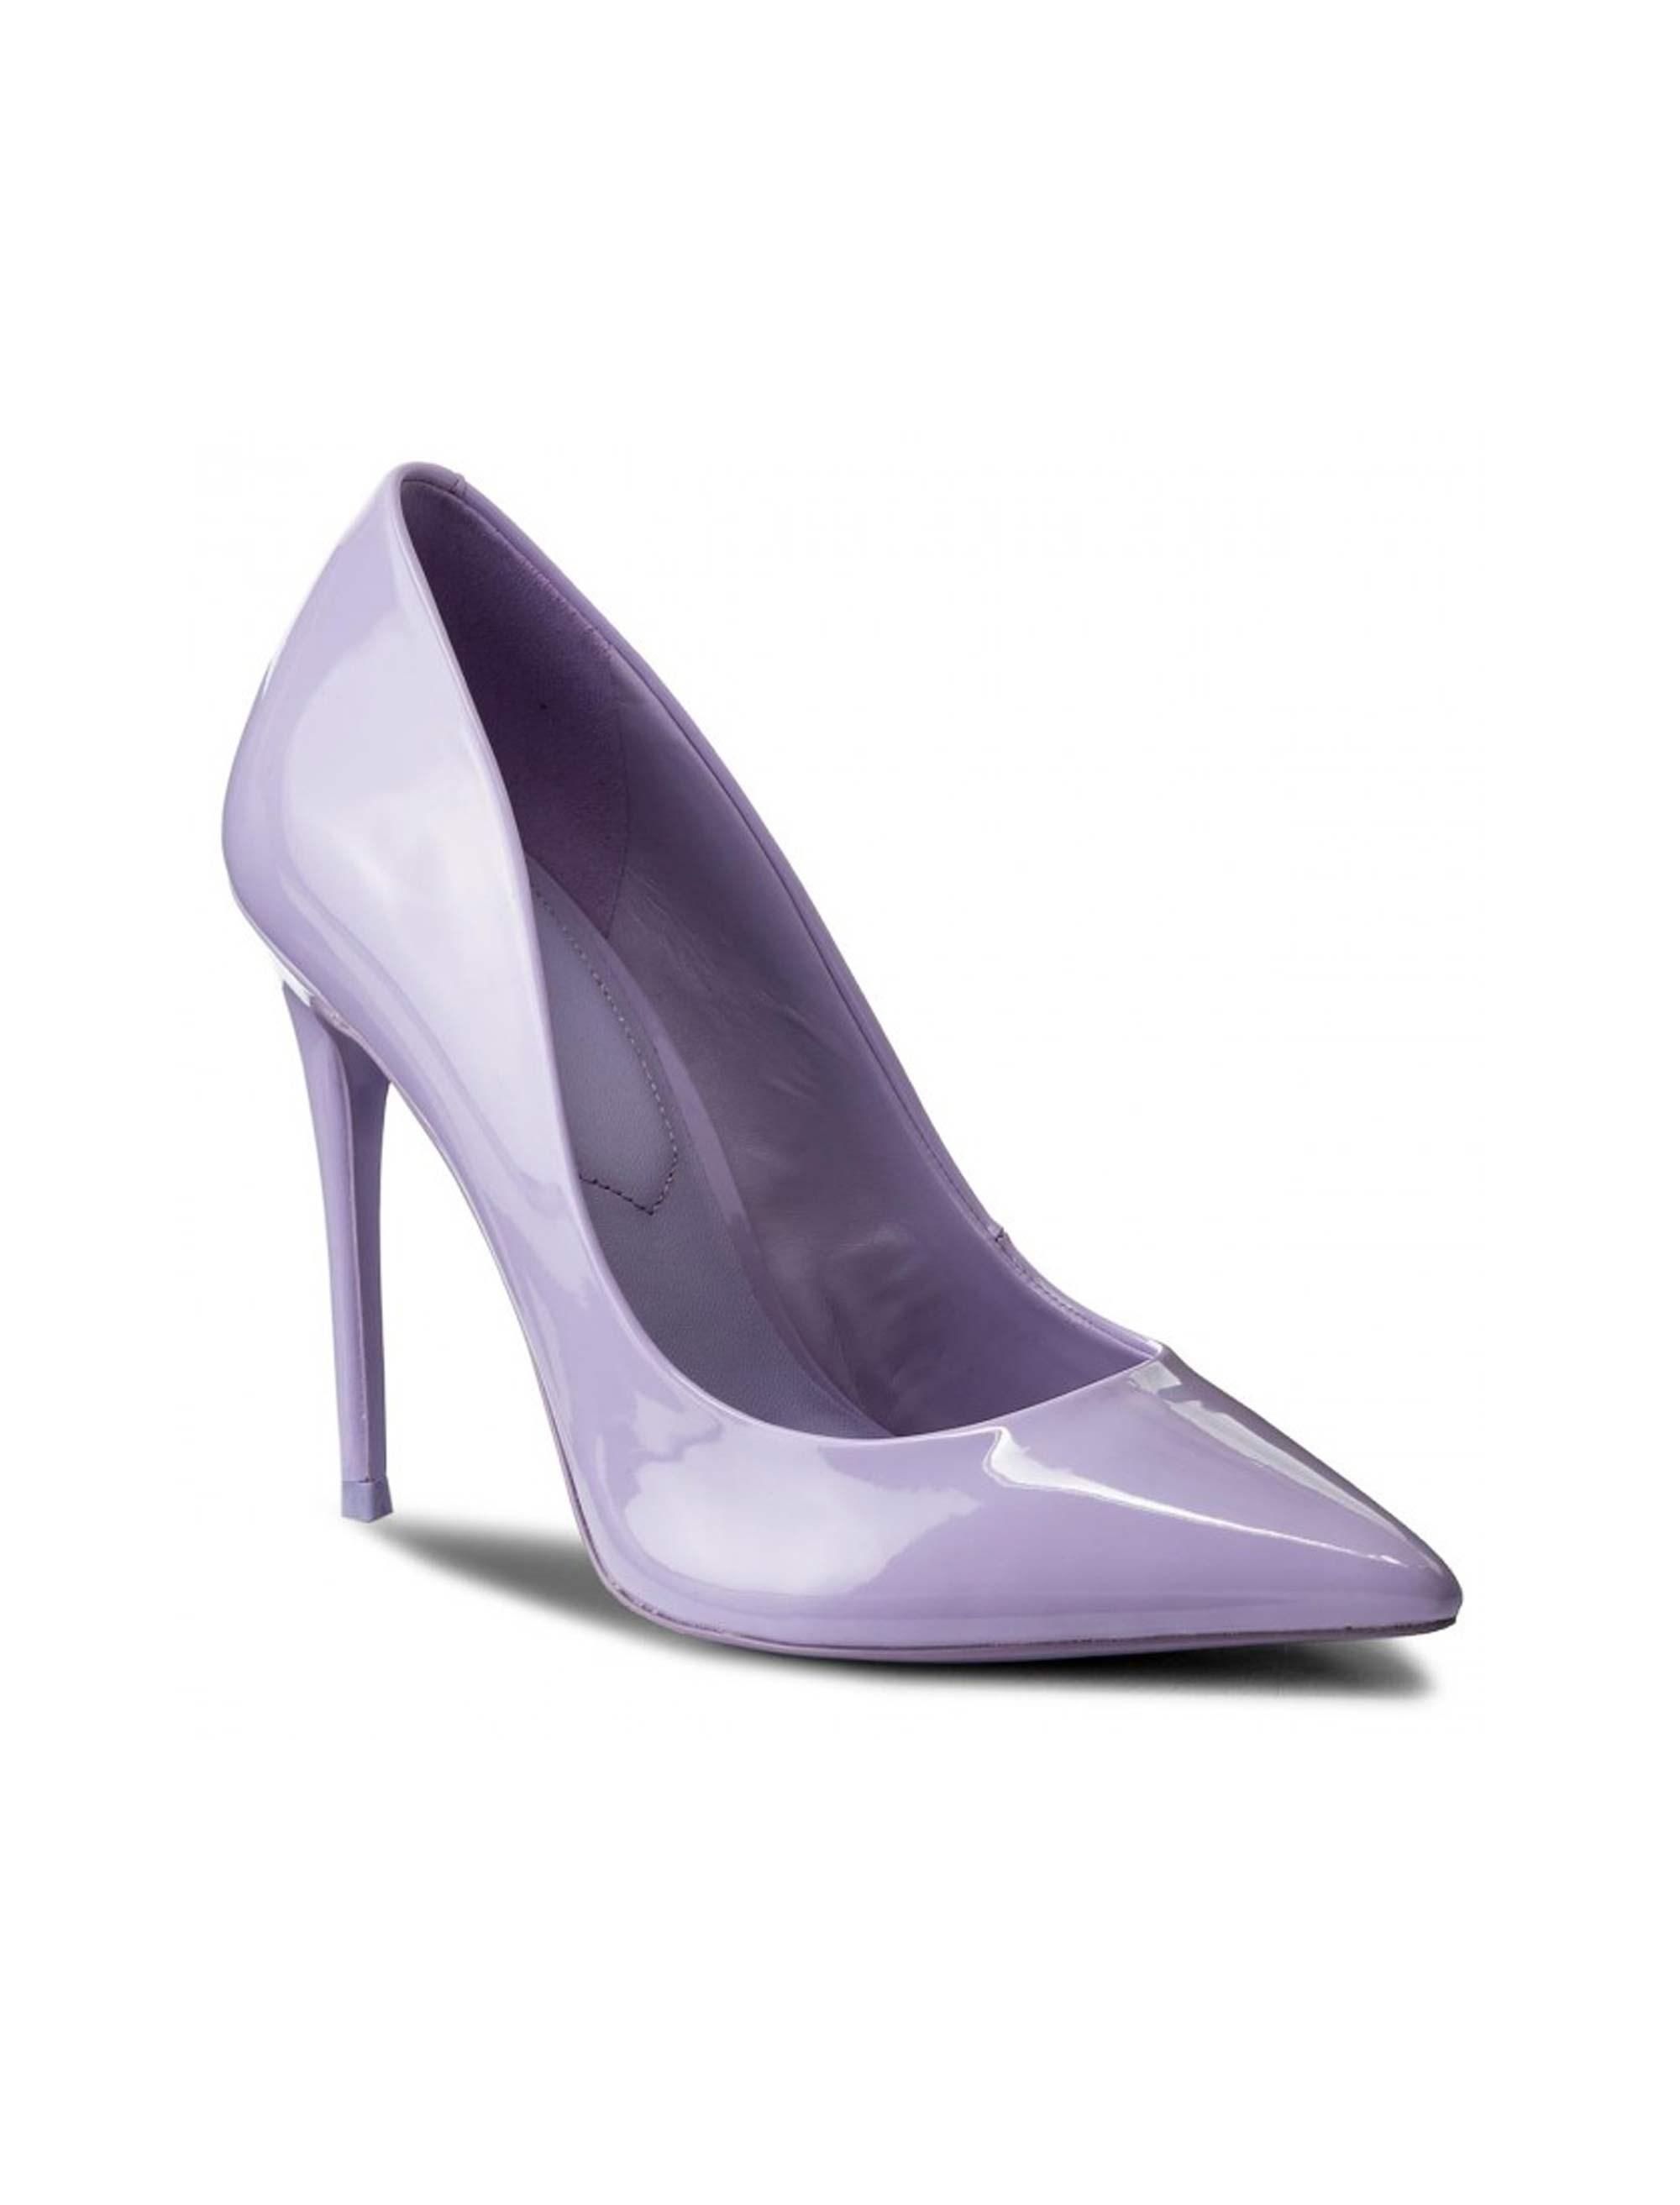 کفش پاشنه بلند زنانه - بنفش روشن - 1